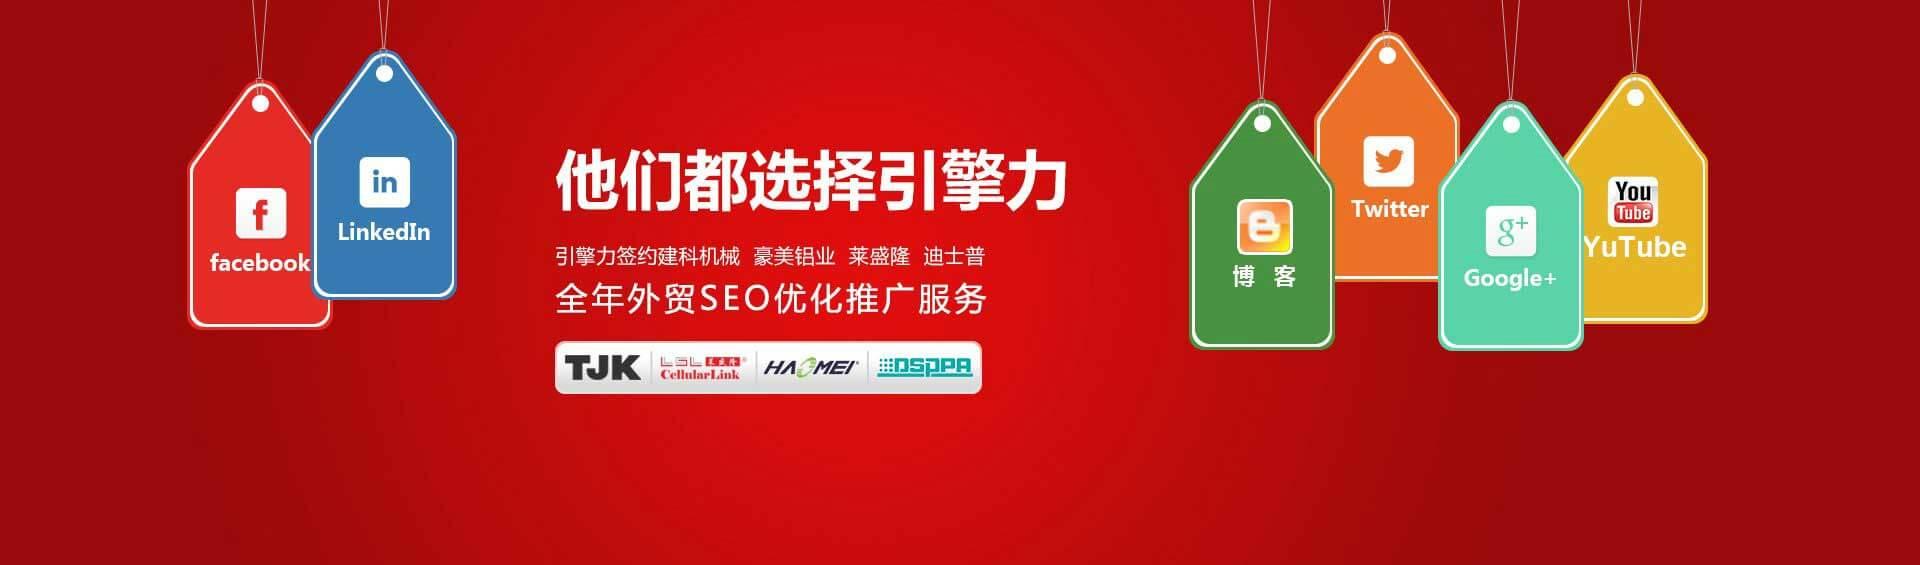 全球外贸SEO优化推广服务